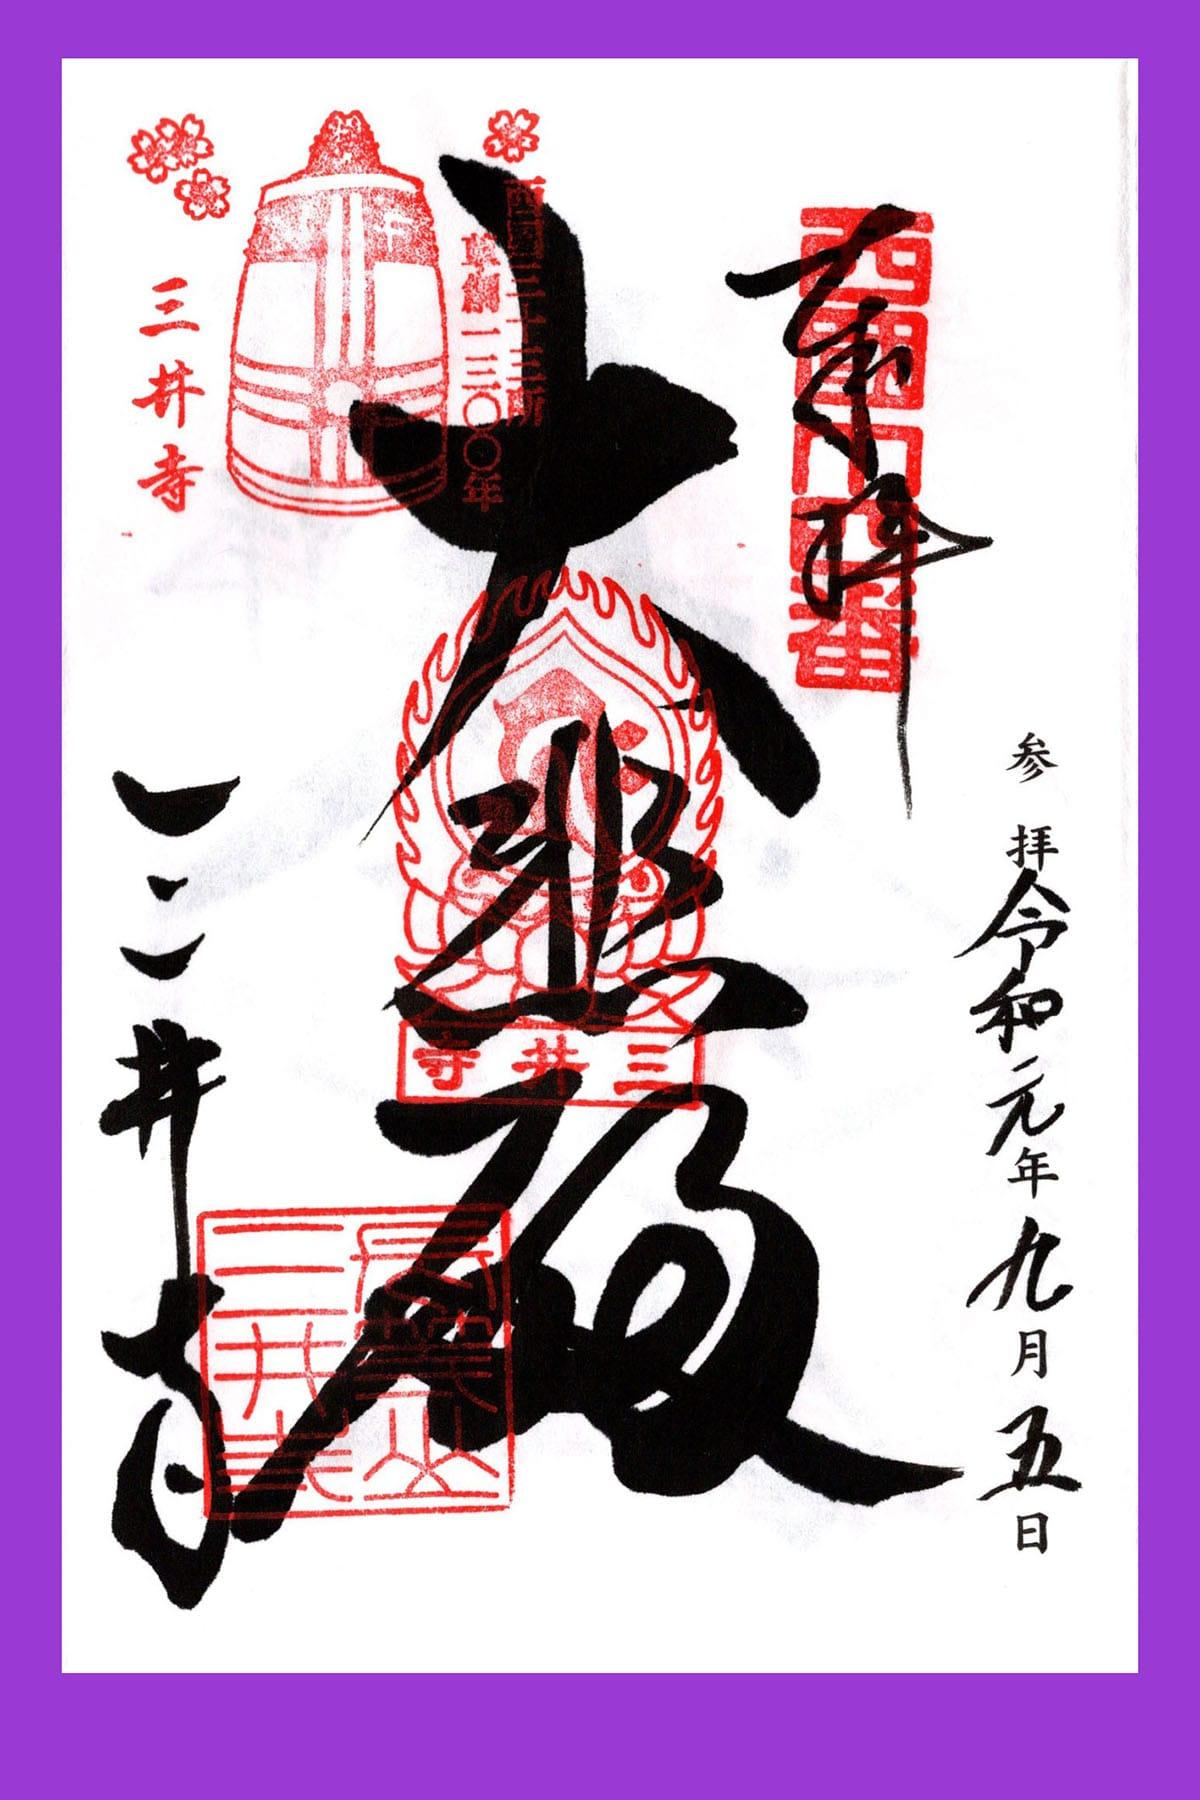 西国札所 第14番【長等山・園城寺(三井寺)】 | フォトさいたま